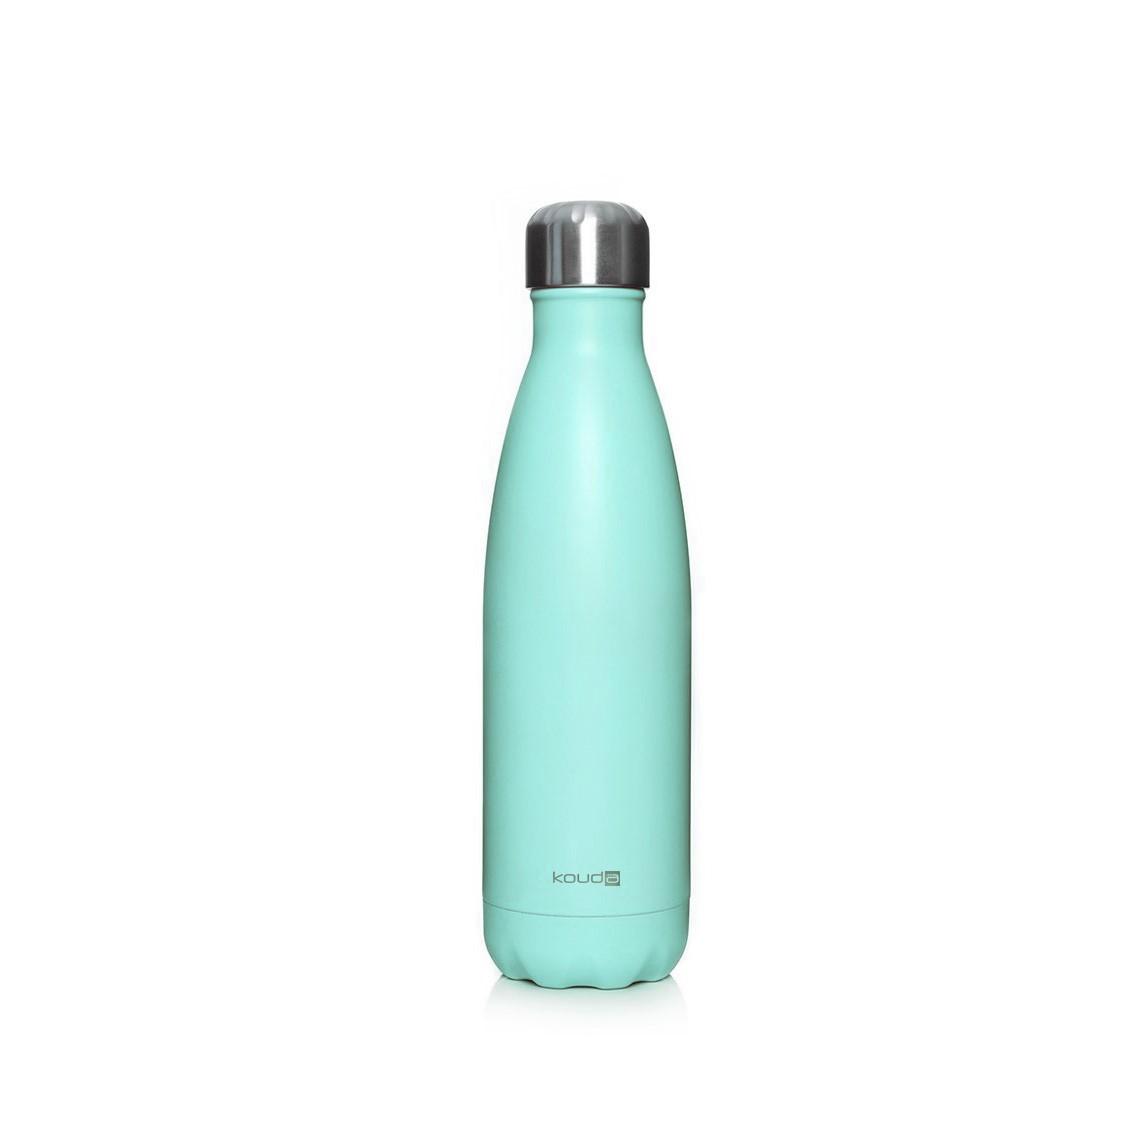 Garrafa Kouda 500ml Verde Agua Powder Coating